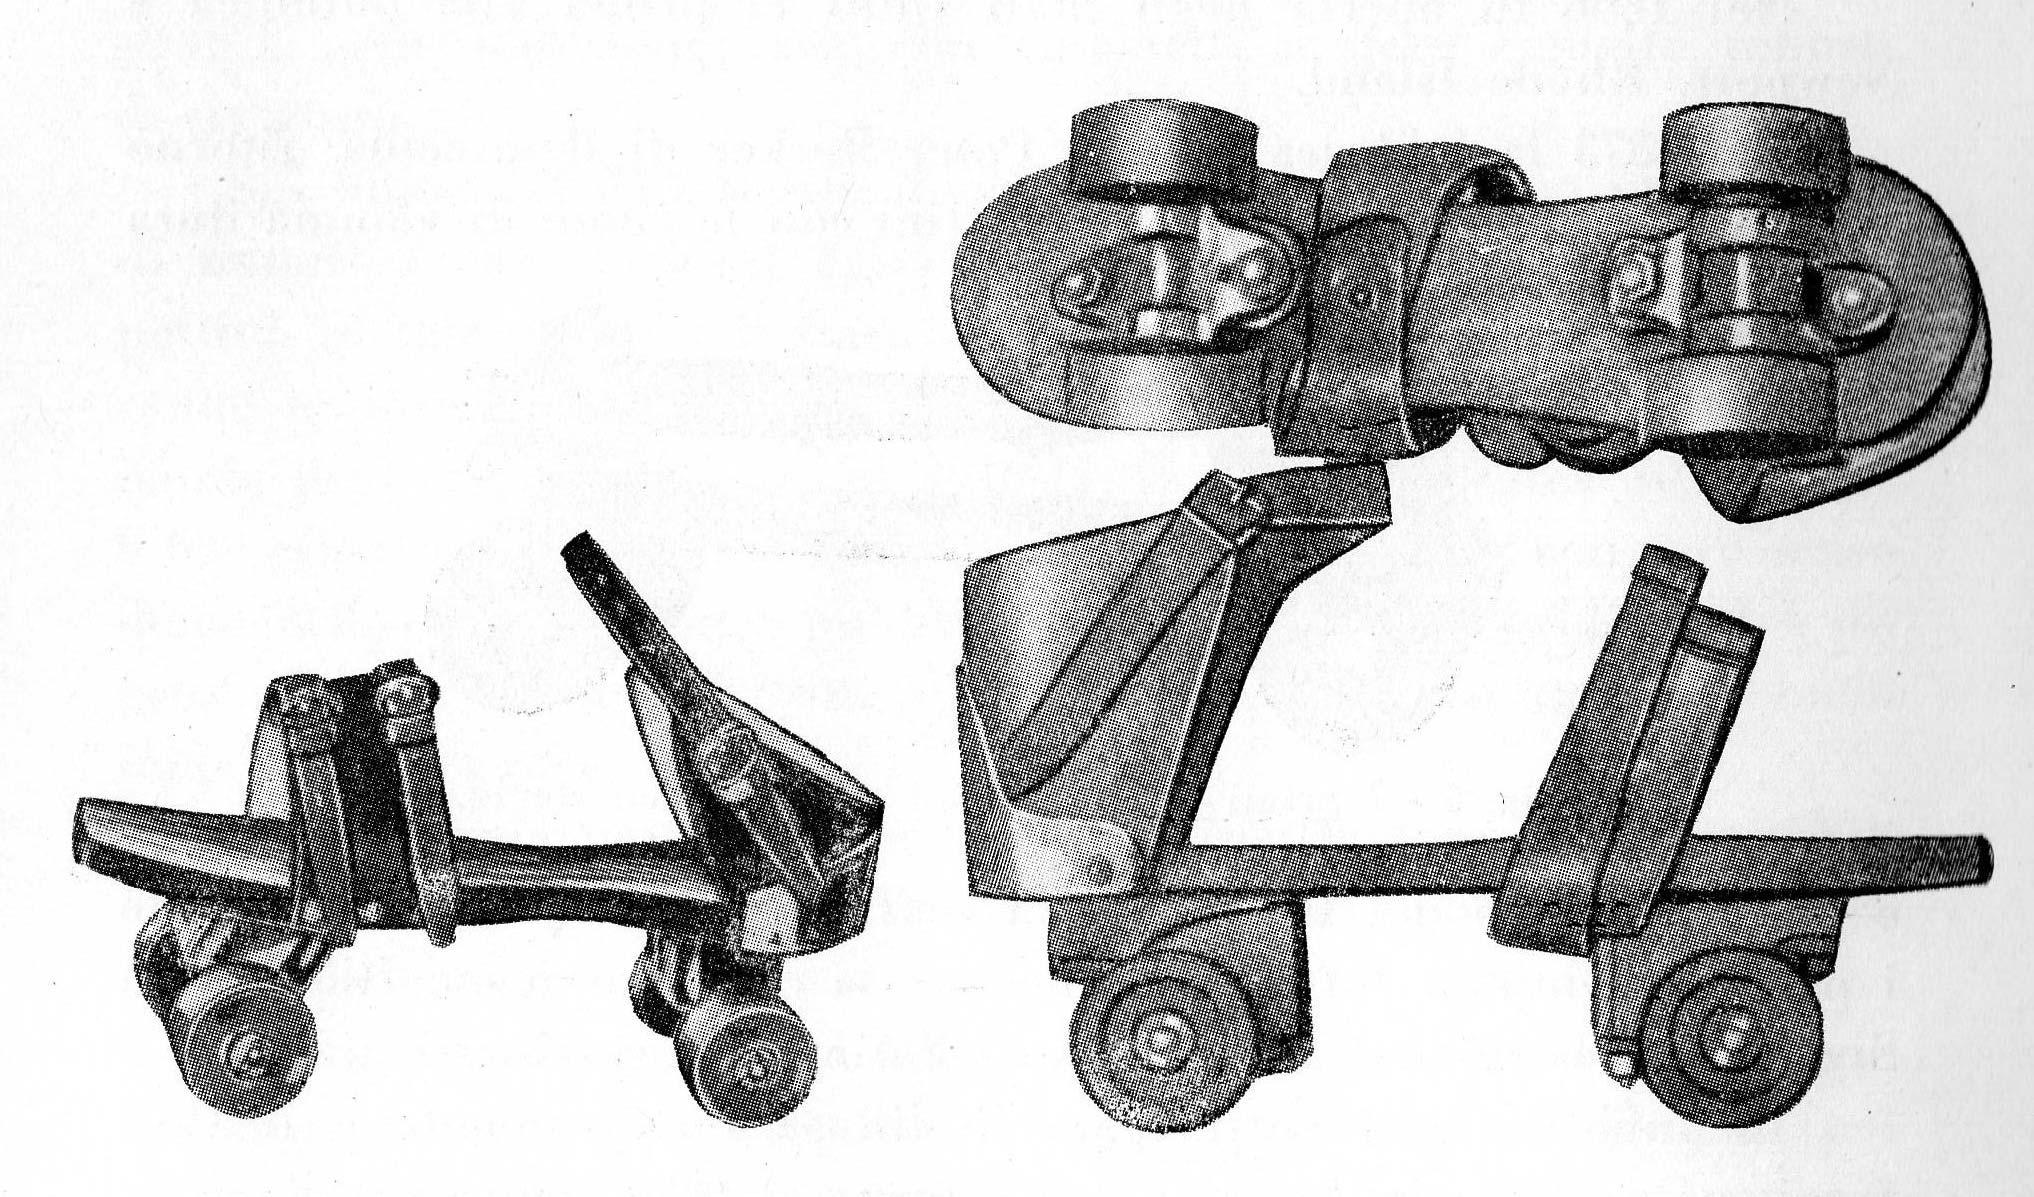 Pattini zoccolo legno inallungabili della ditta Samuel Wihslow 1856